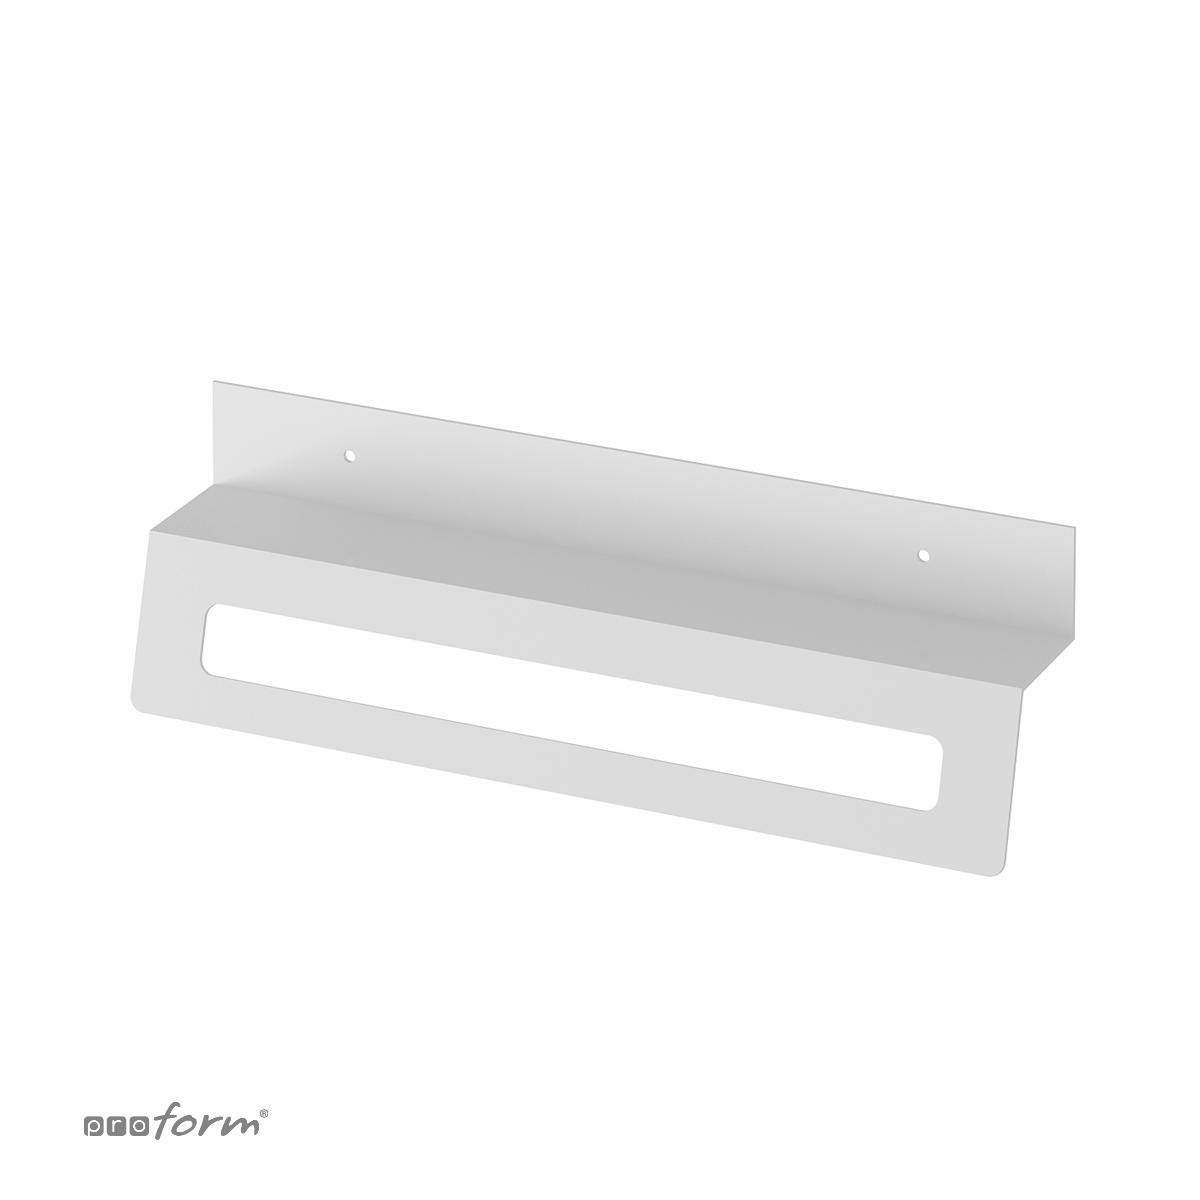 Półka pod lustro OPEN 05A biała Proform